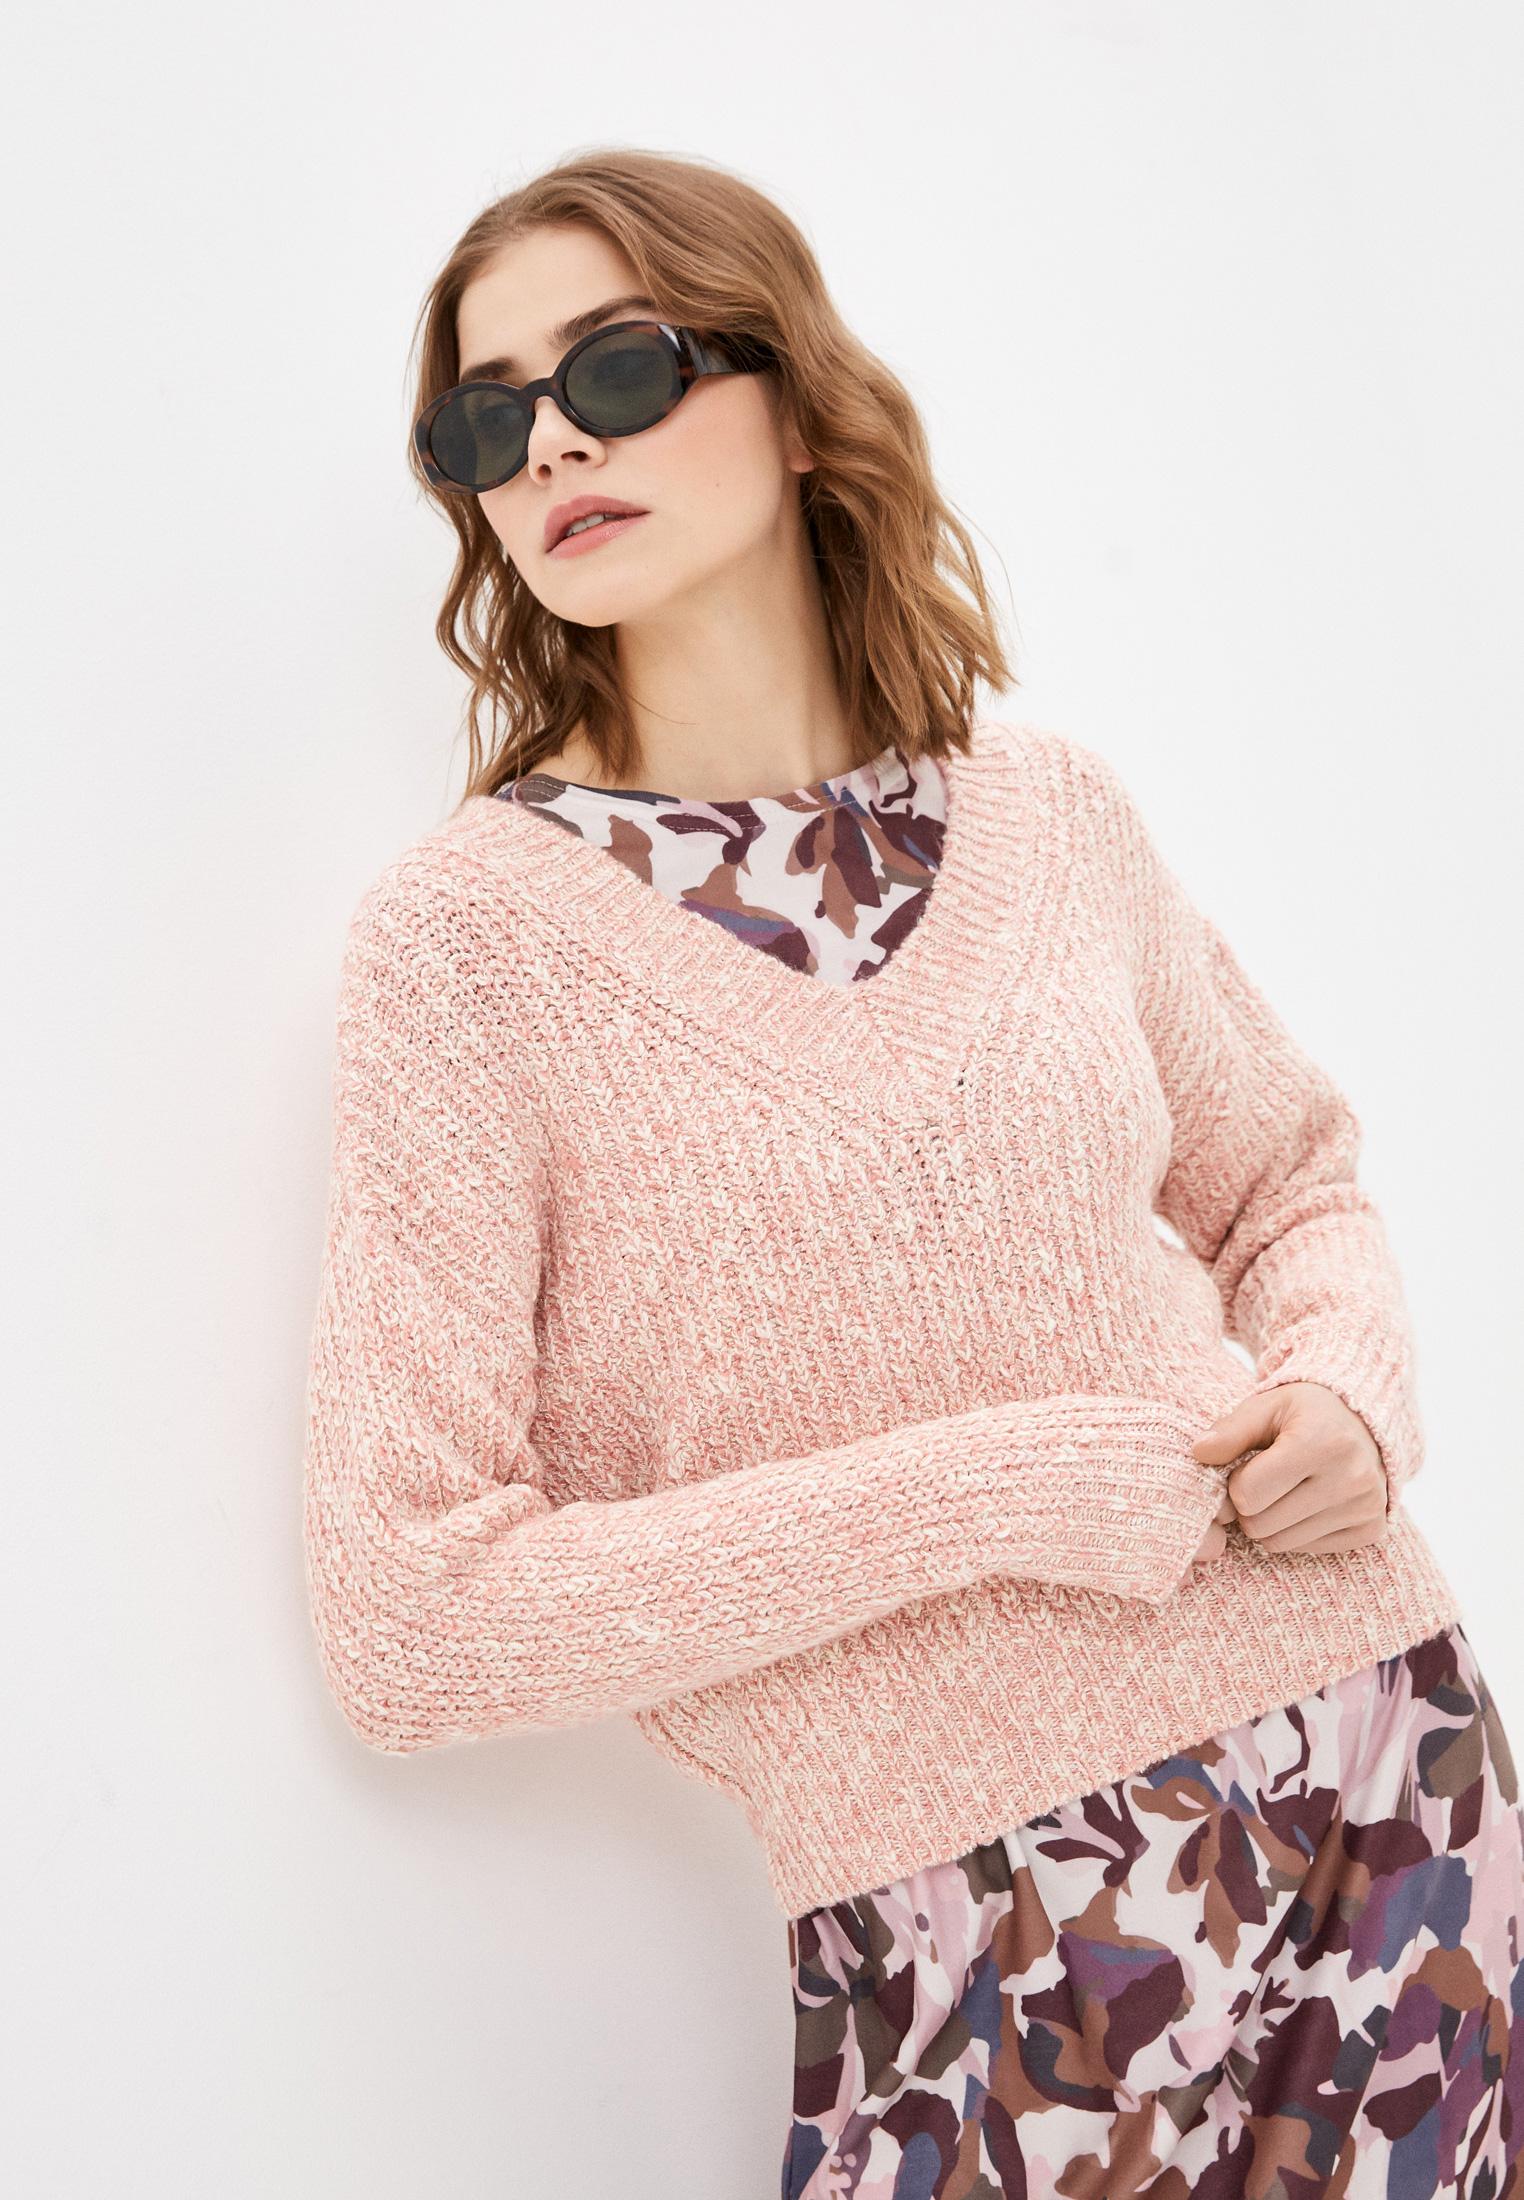 Пуловер SPRINGFIELD Пуловер Springfield